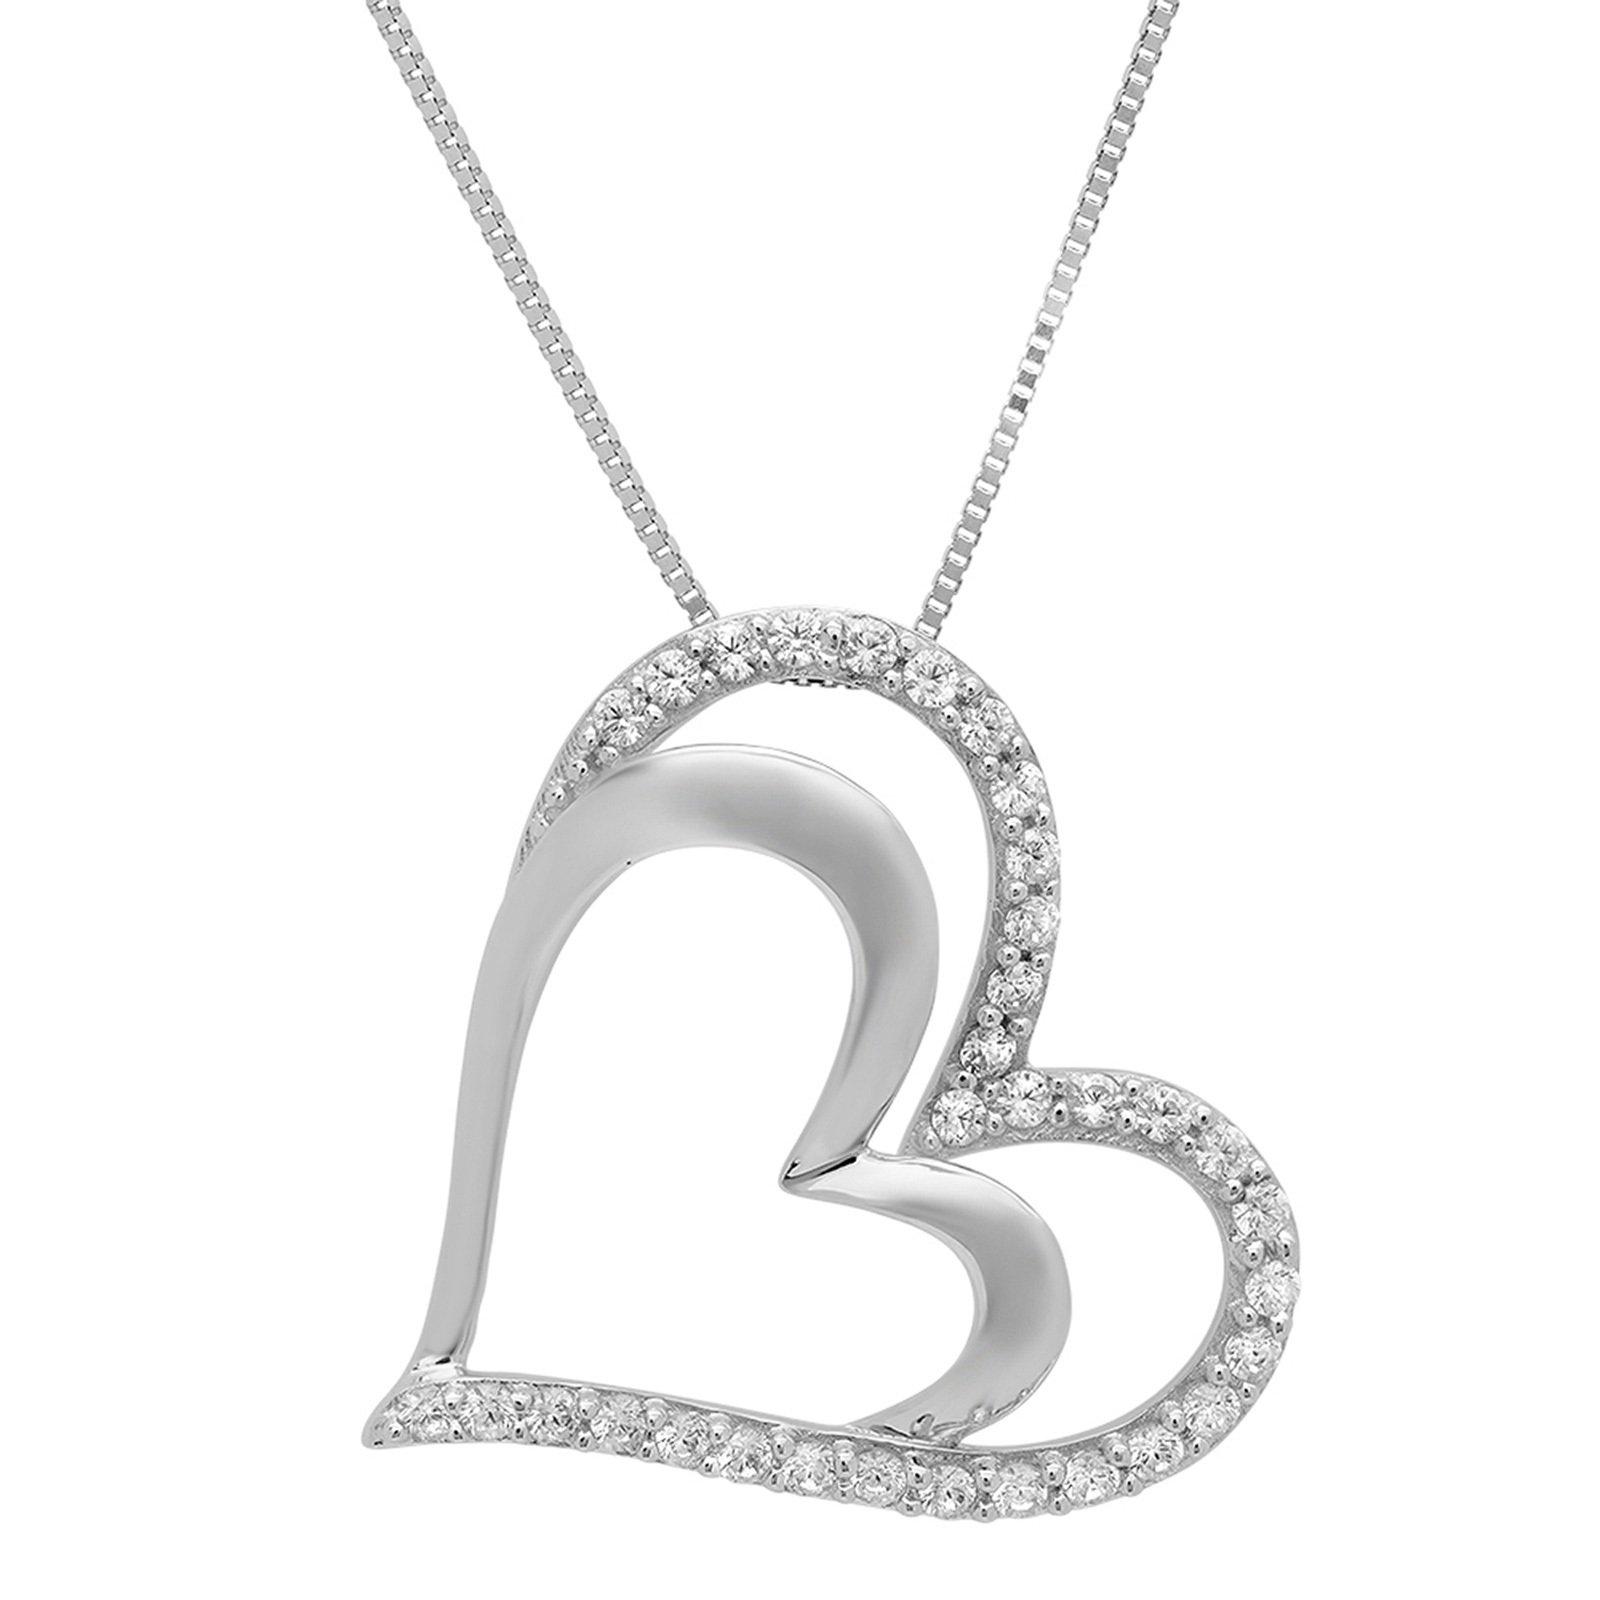 Clara Pucci 0.15 CT Heart Brilliant Round Cut CZ 14K White Gold Pendant Box Necklace + 16'' Chain